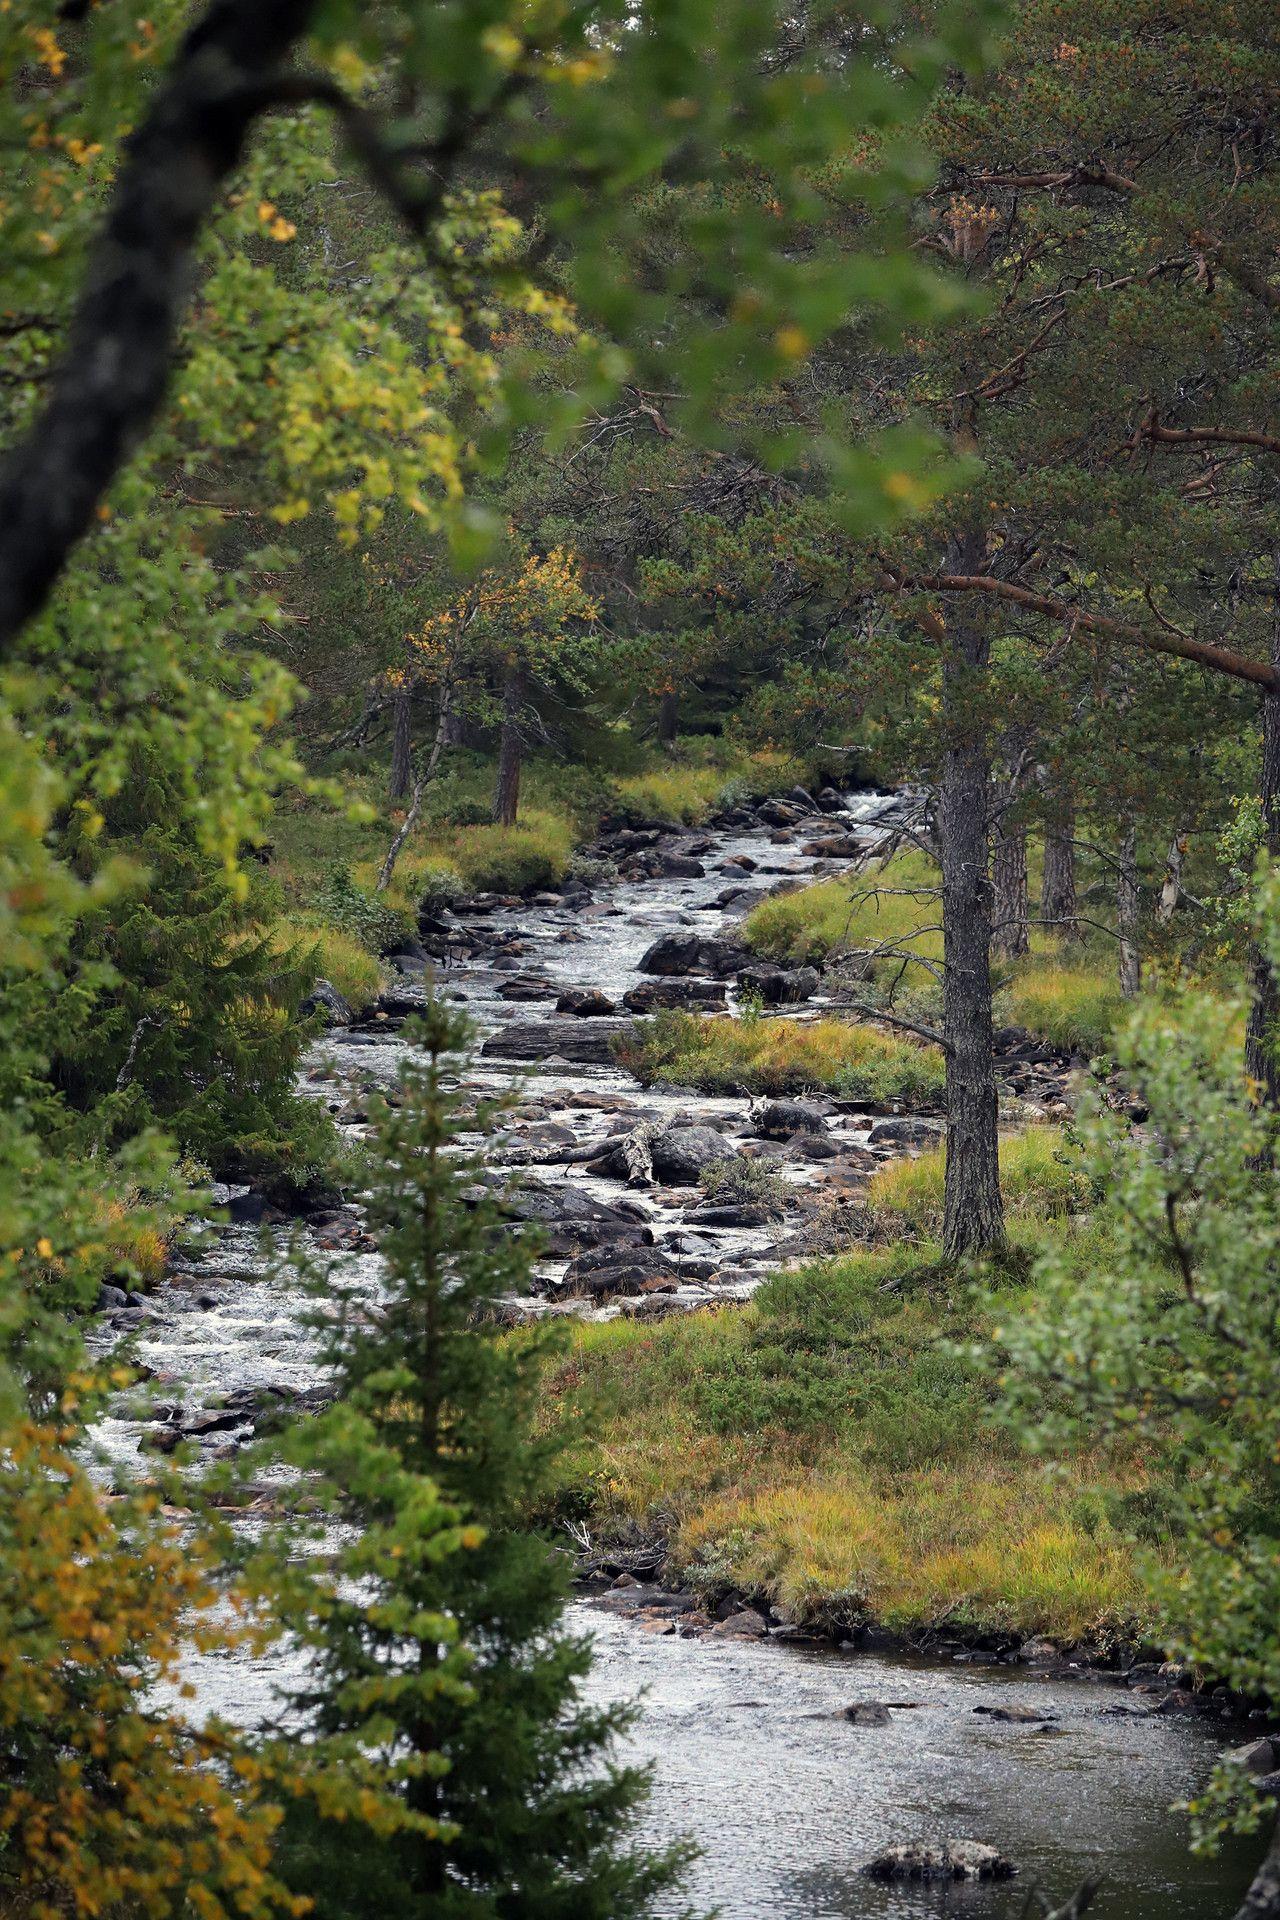 Valadalen In Jamtland Sweden Jamtland Sweden River Stream Nature Landscape Forest Landscape Nature Landscape Drawings